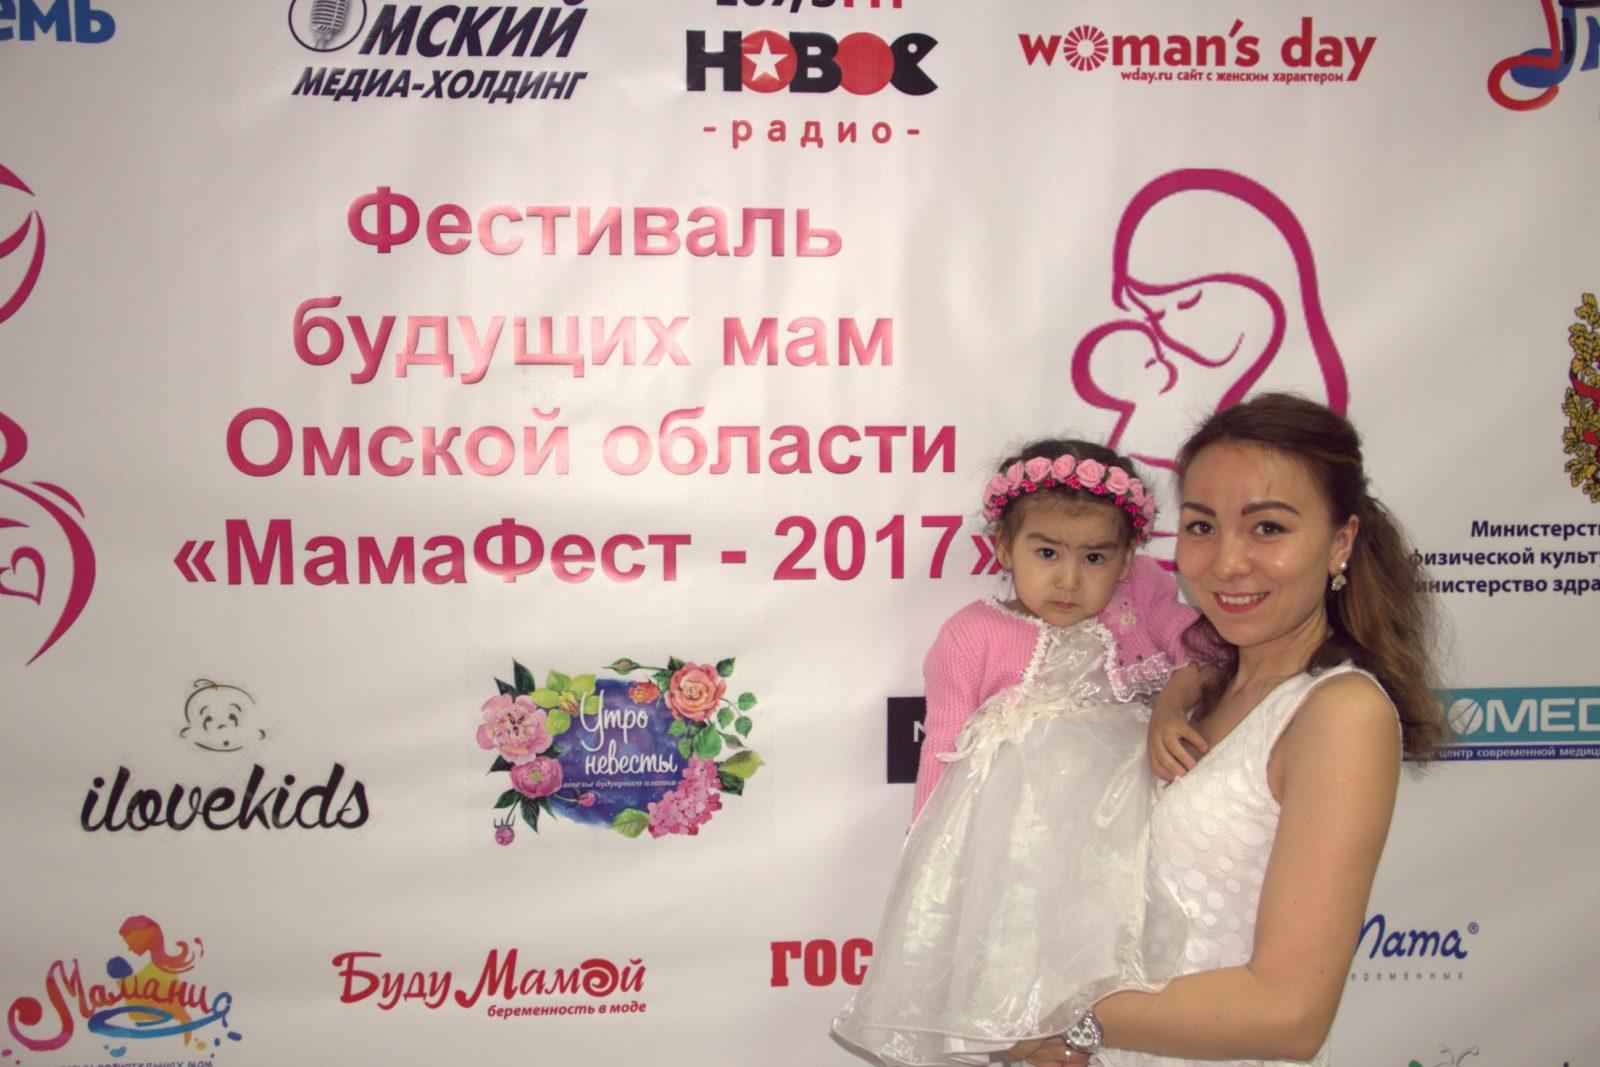 """Фестиваль будущих мам Омской области """"МамаФест - 2017"""""""